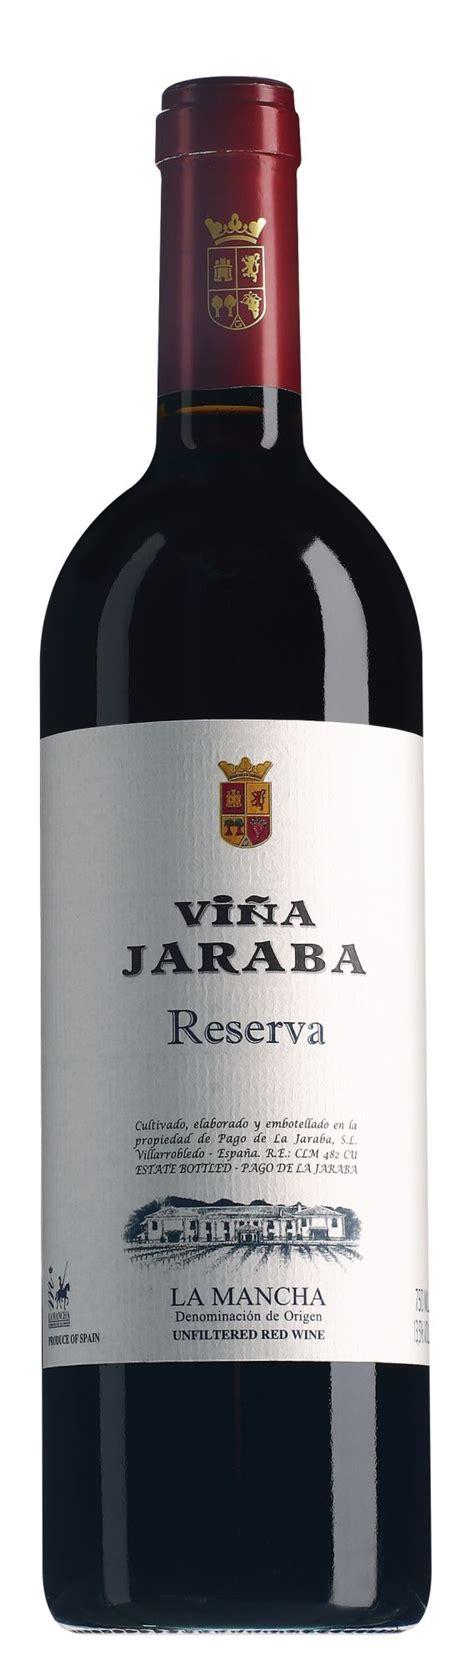 Vina Ovter vi 241 a jaraba la mancha reserva 2011 der heijden wijnen